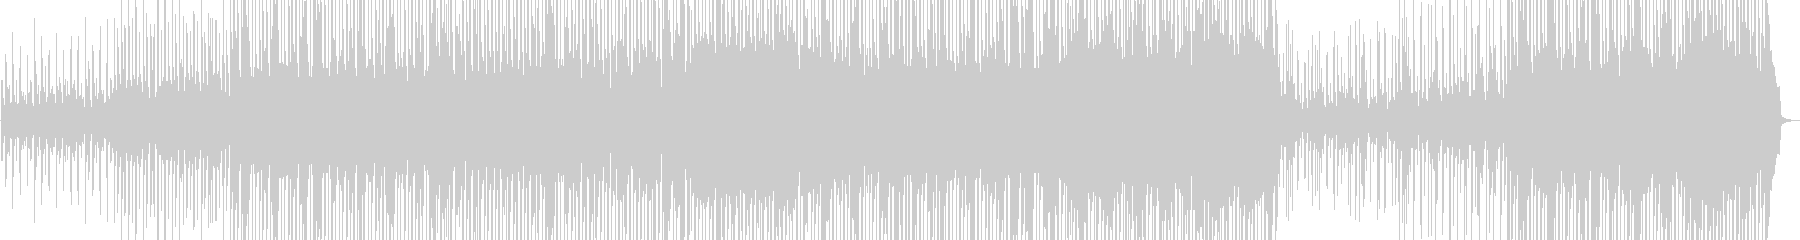 明るい 元気づける フォーク の未再生の波形